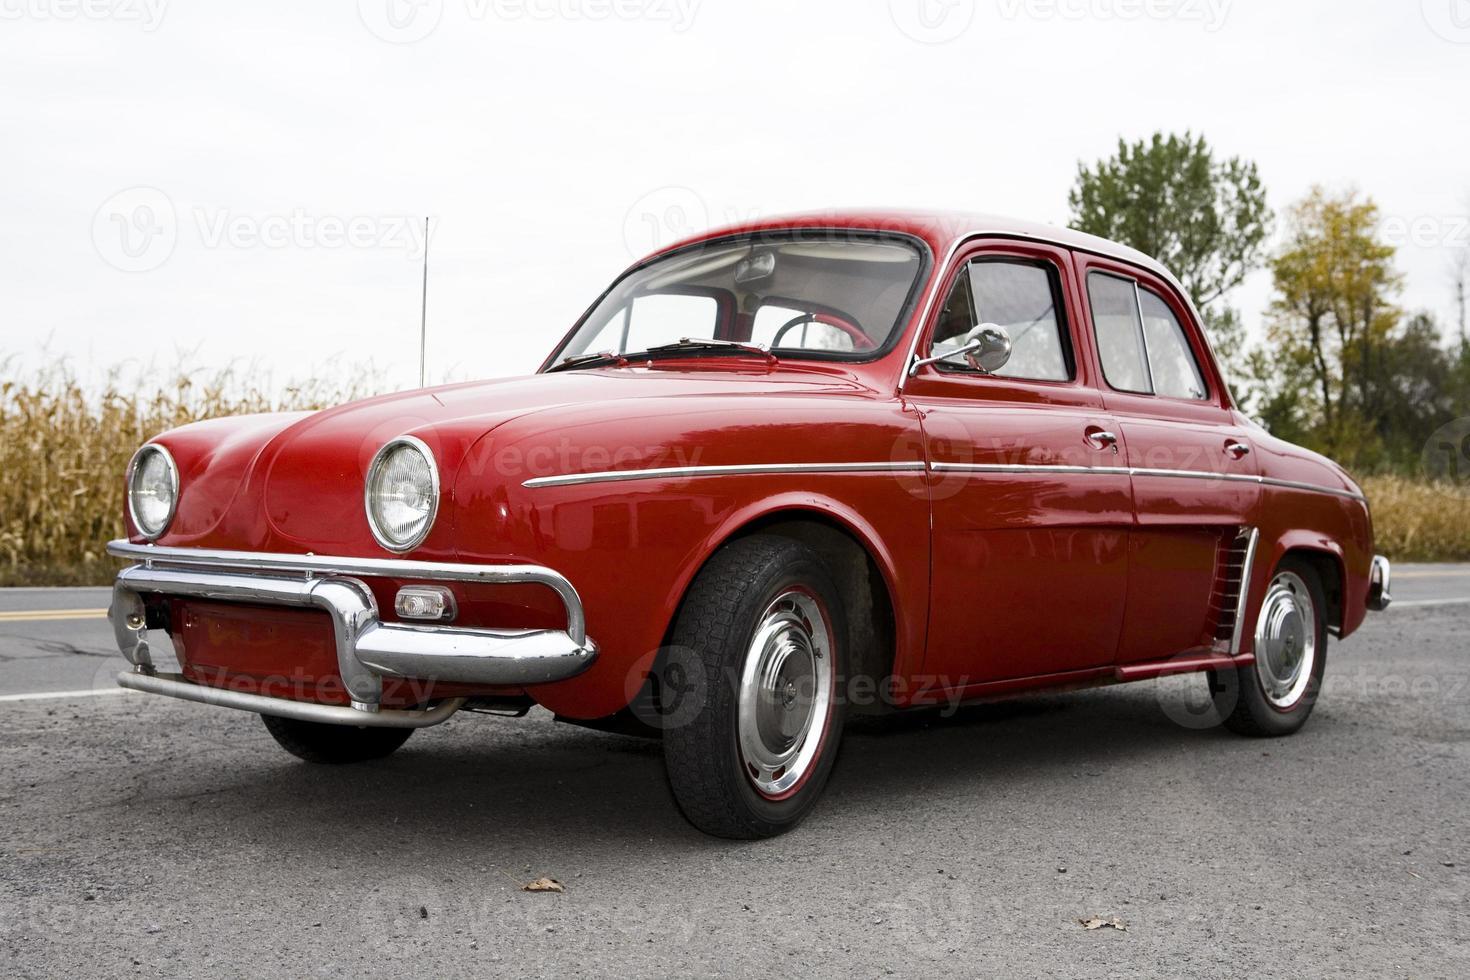 una vecchia macchina rossa vintage in discreta forma foto